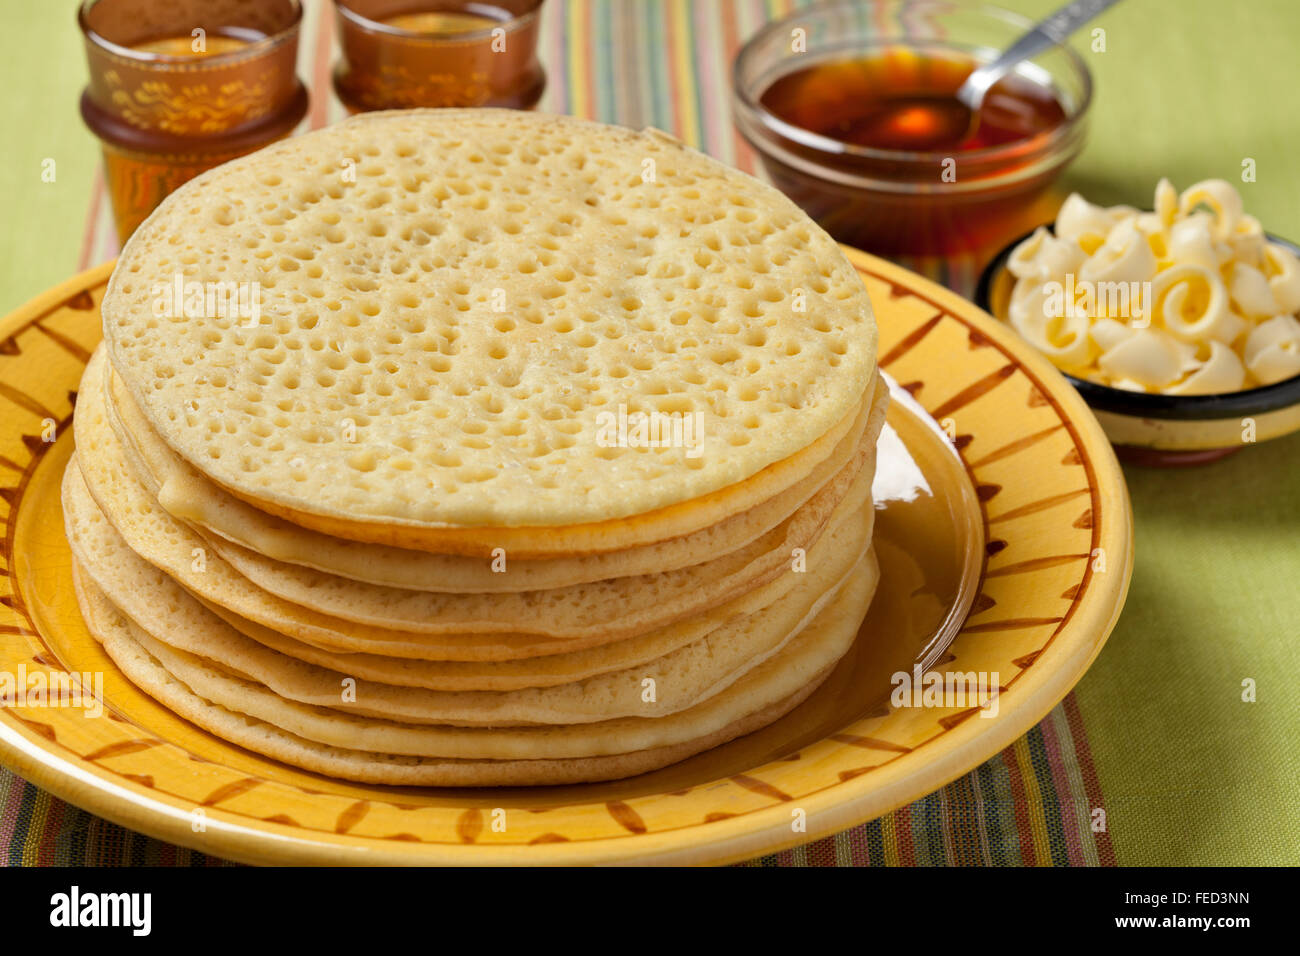 Montón de tortitas beghrir marroquíes tradicionales servidos con miel y mantequilla. Imagen De Stock